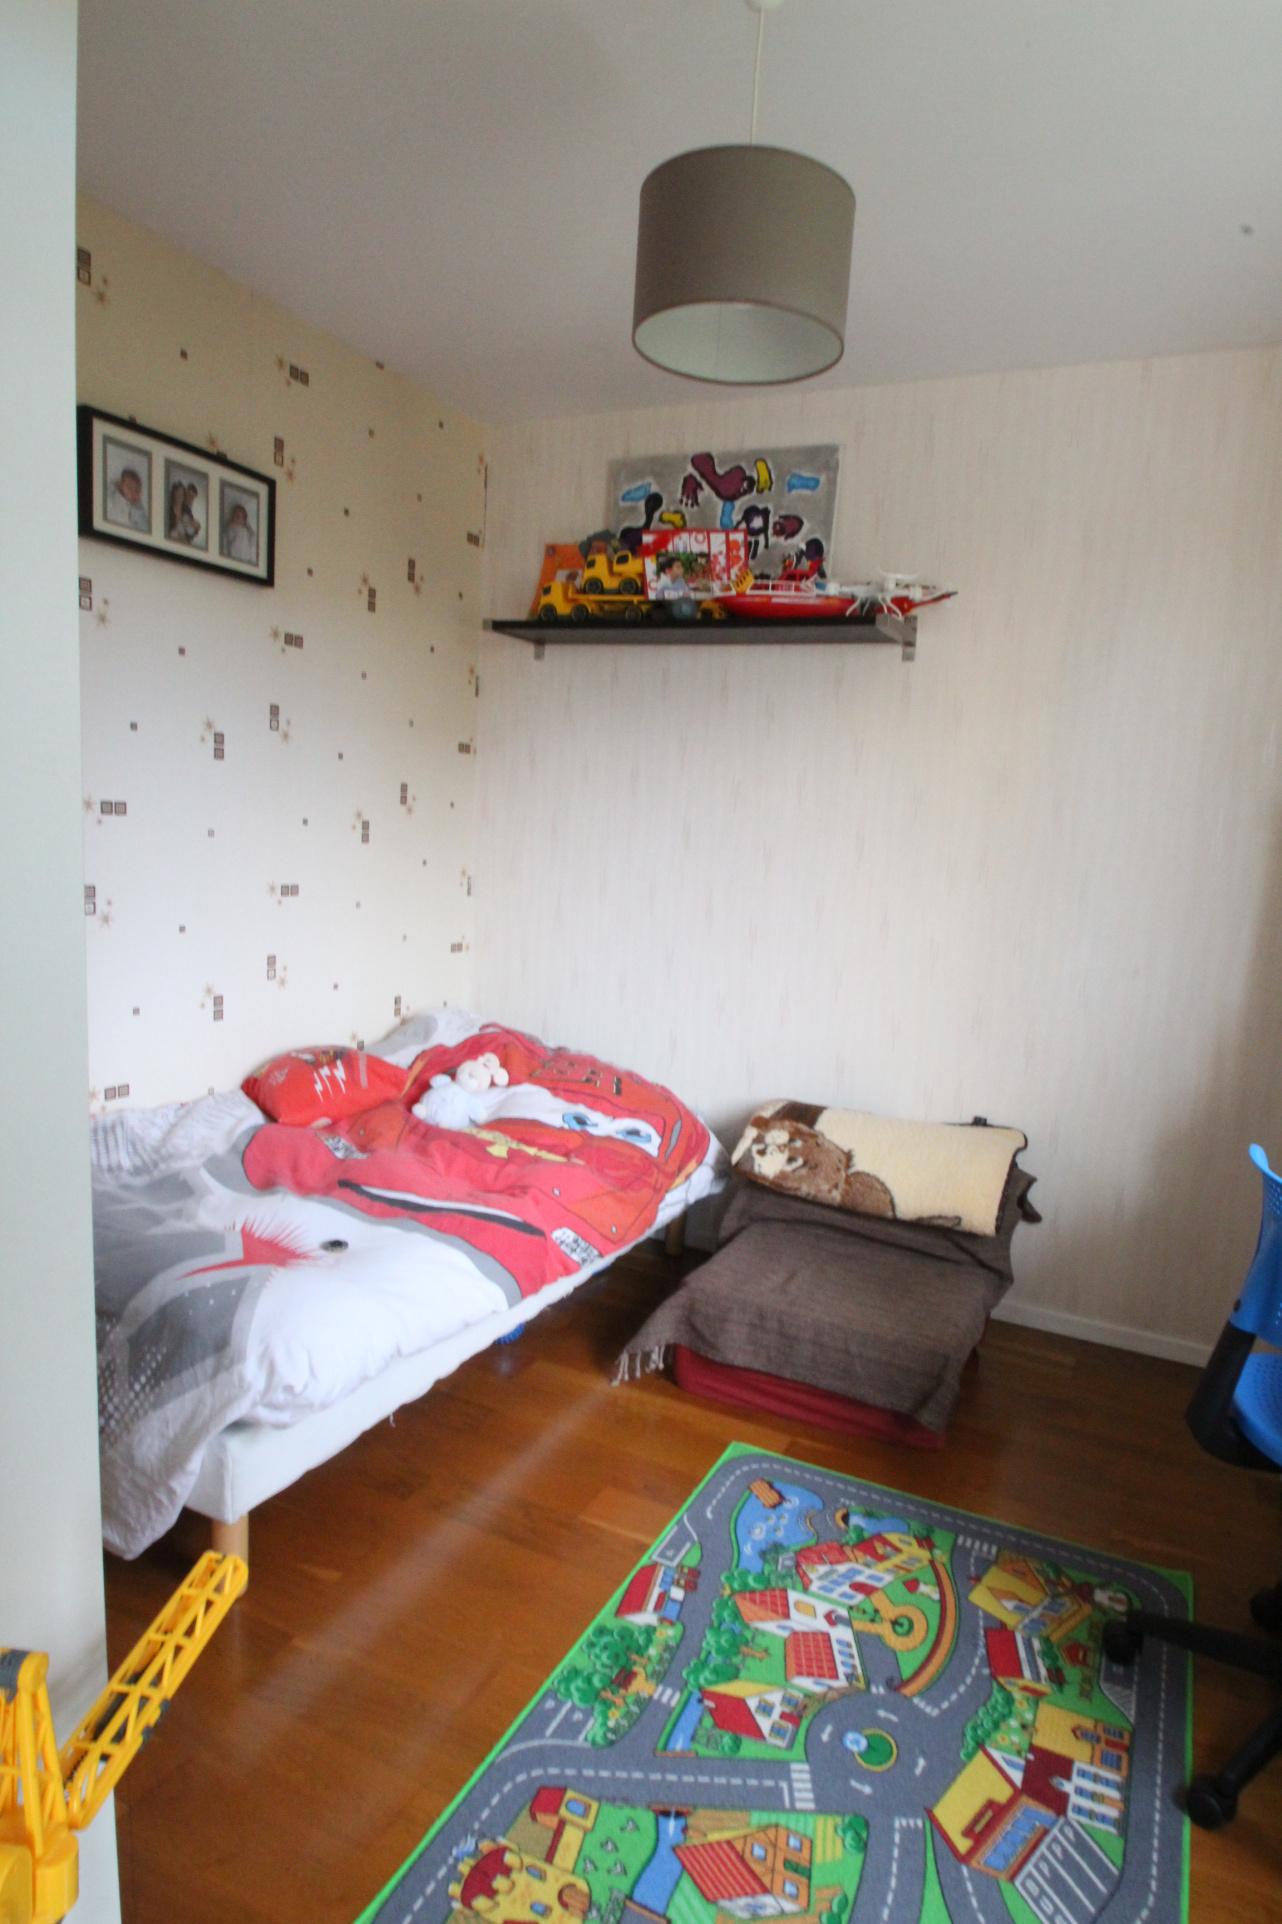 Vente appartement chenove MAIRIE DE CHENOVE